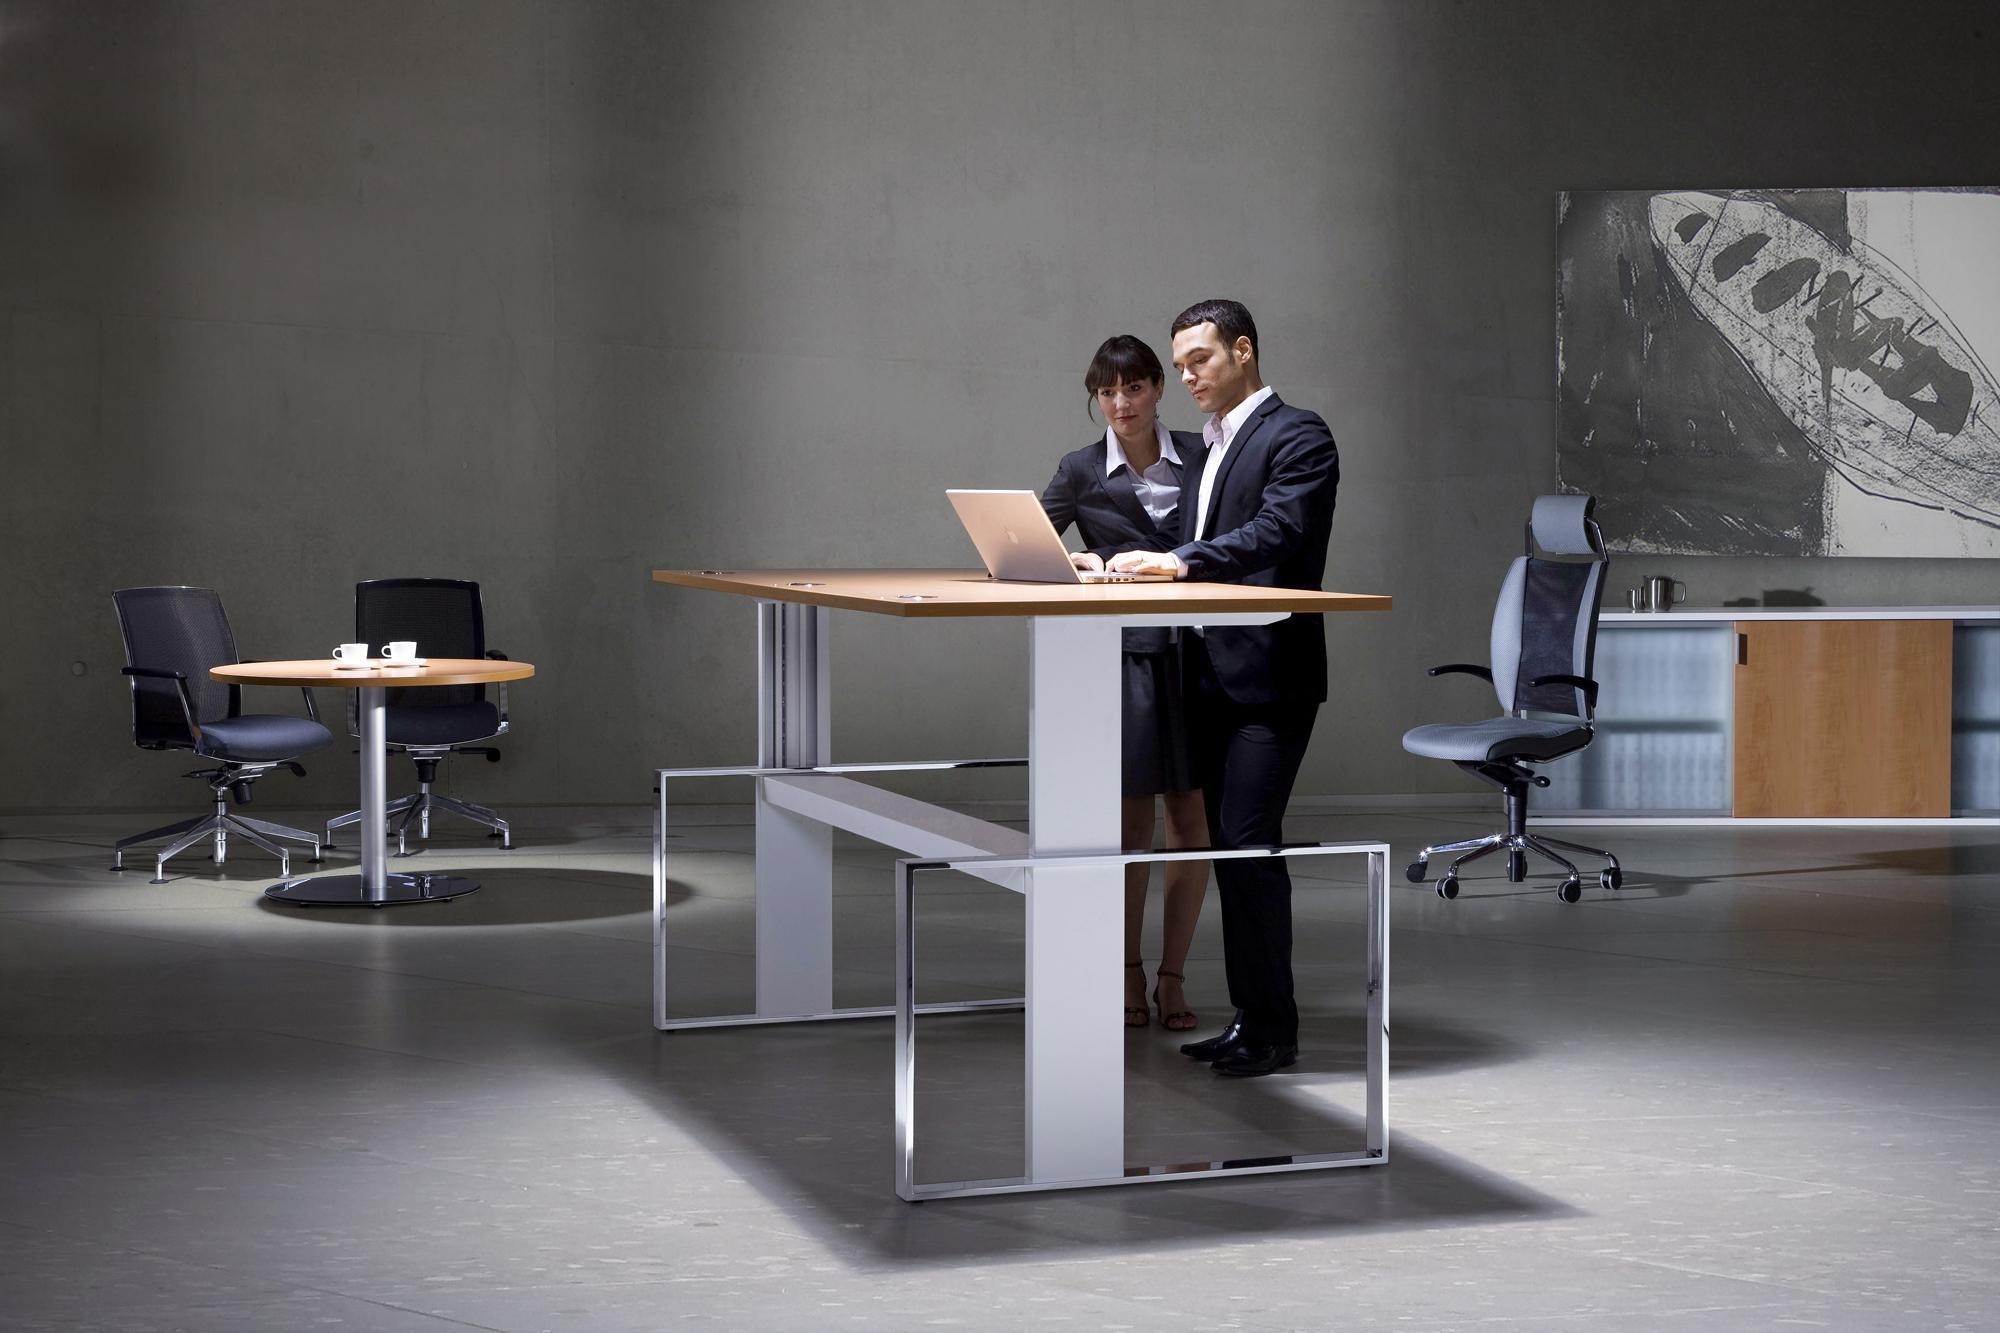 Höhenverstellbarer Schreibtisch Mit Stauraum